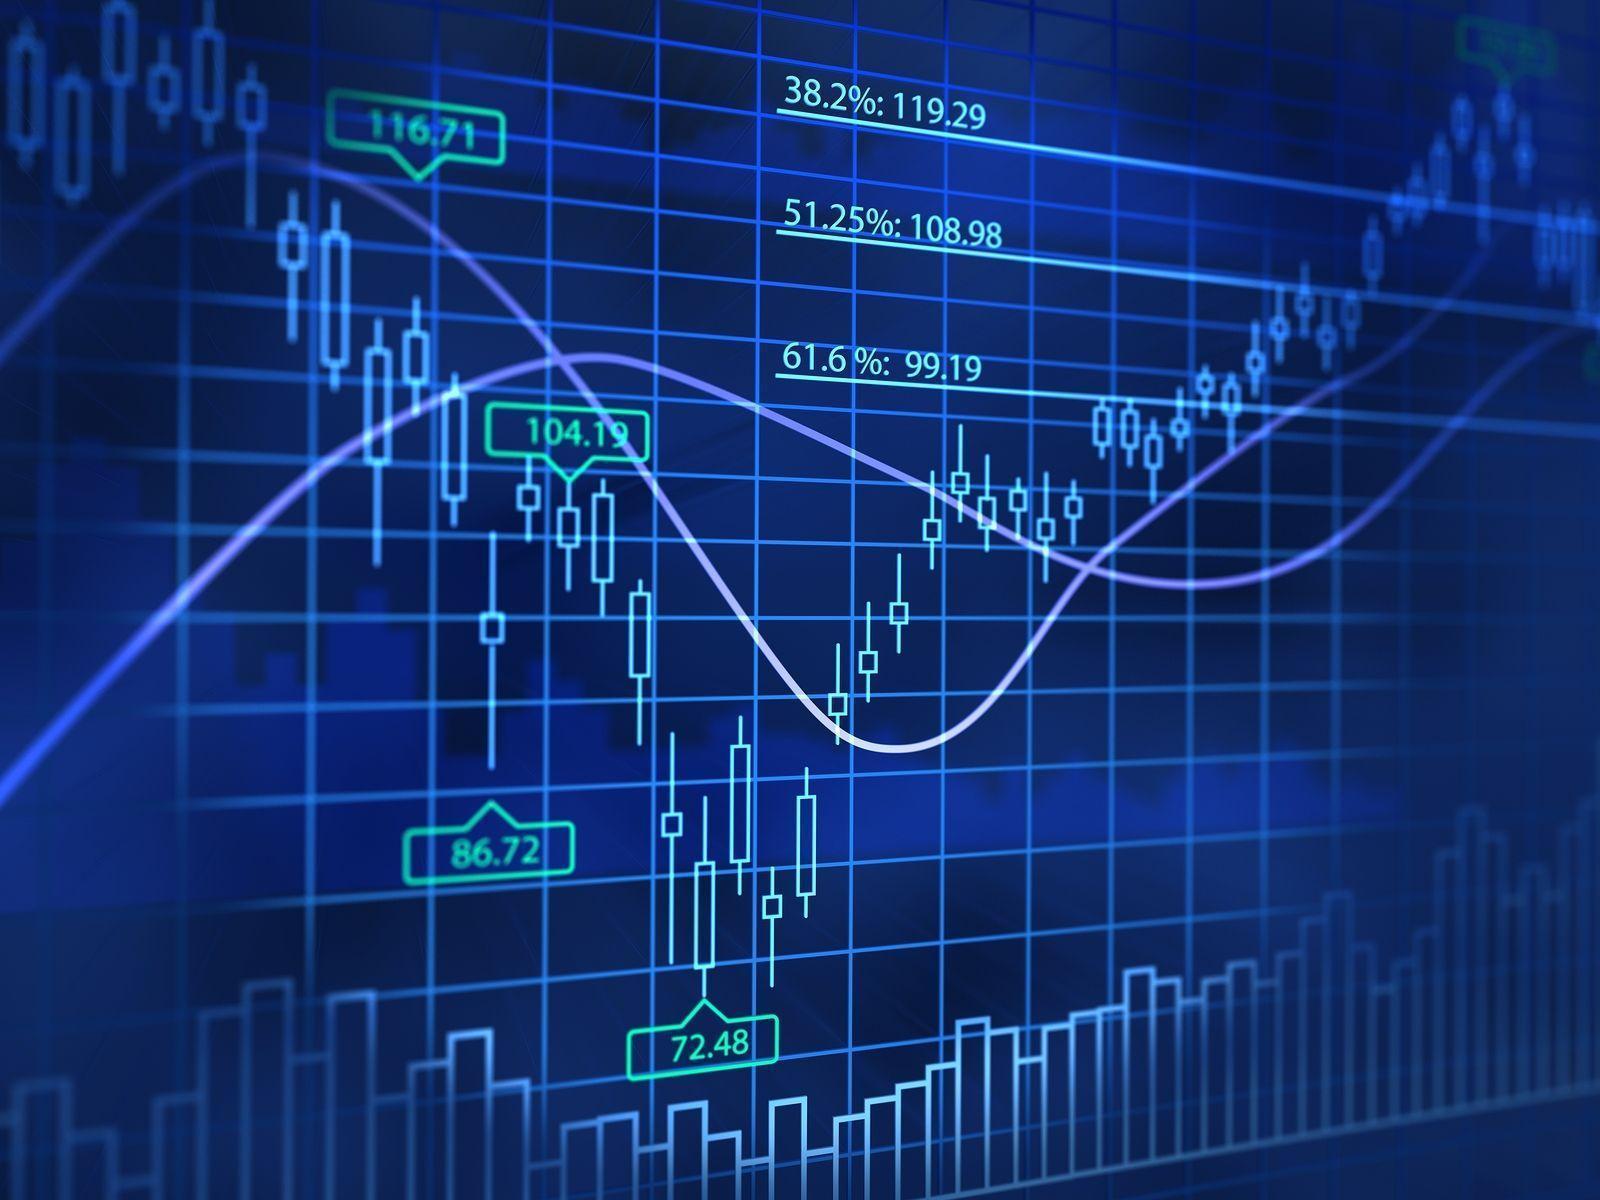 Conoce los pares de divisas principales más negociados